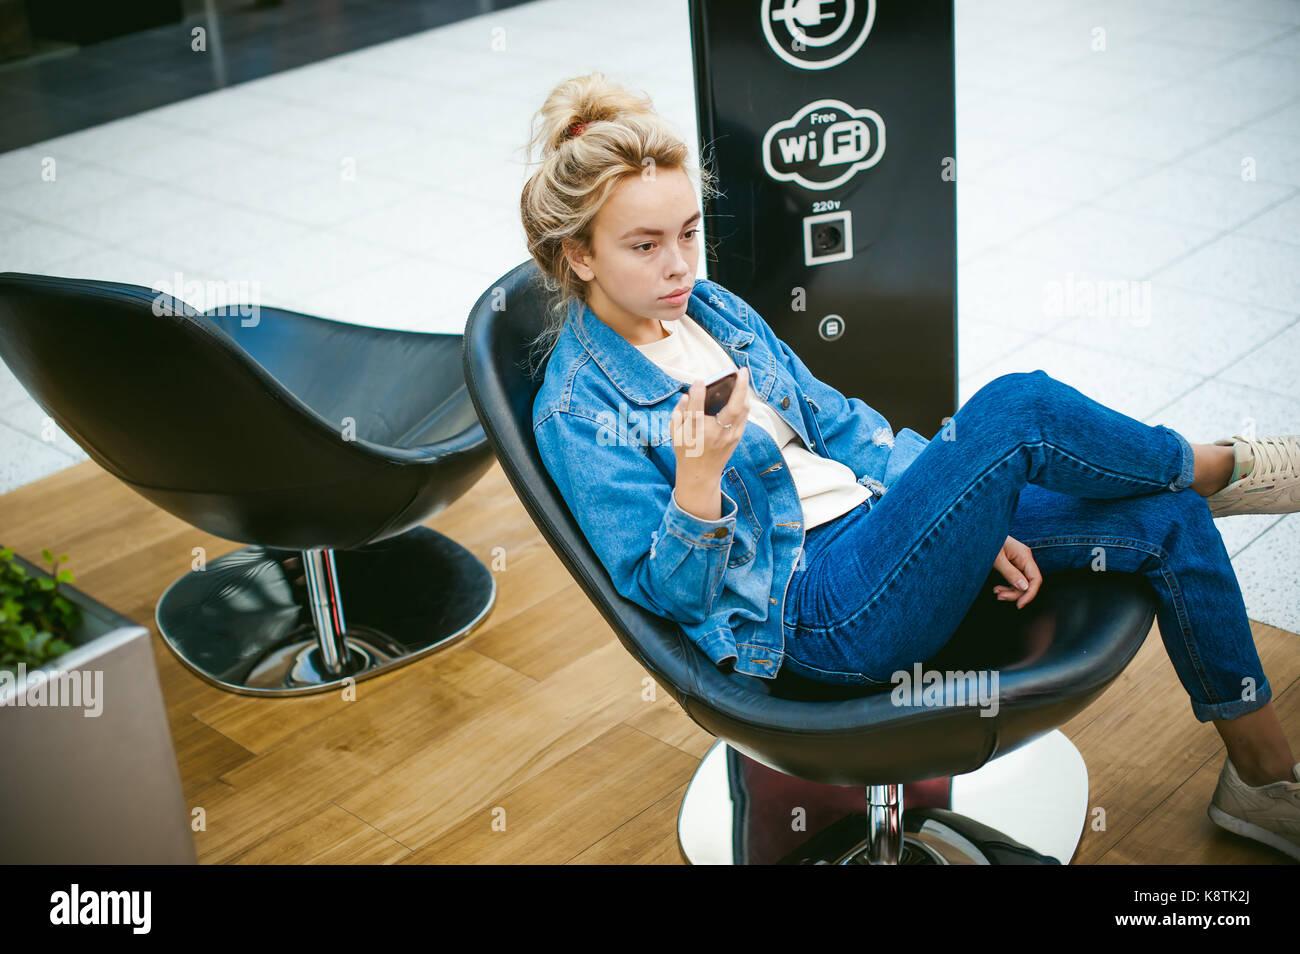 Hermosa mujer joven en jeans de ropa en el espacio de negocios de centro  comercial. el retrato de una niña con pecas en su rostro a95aa33b668